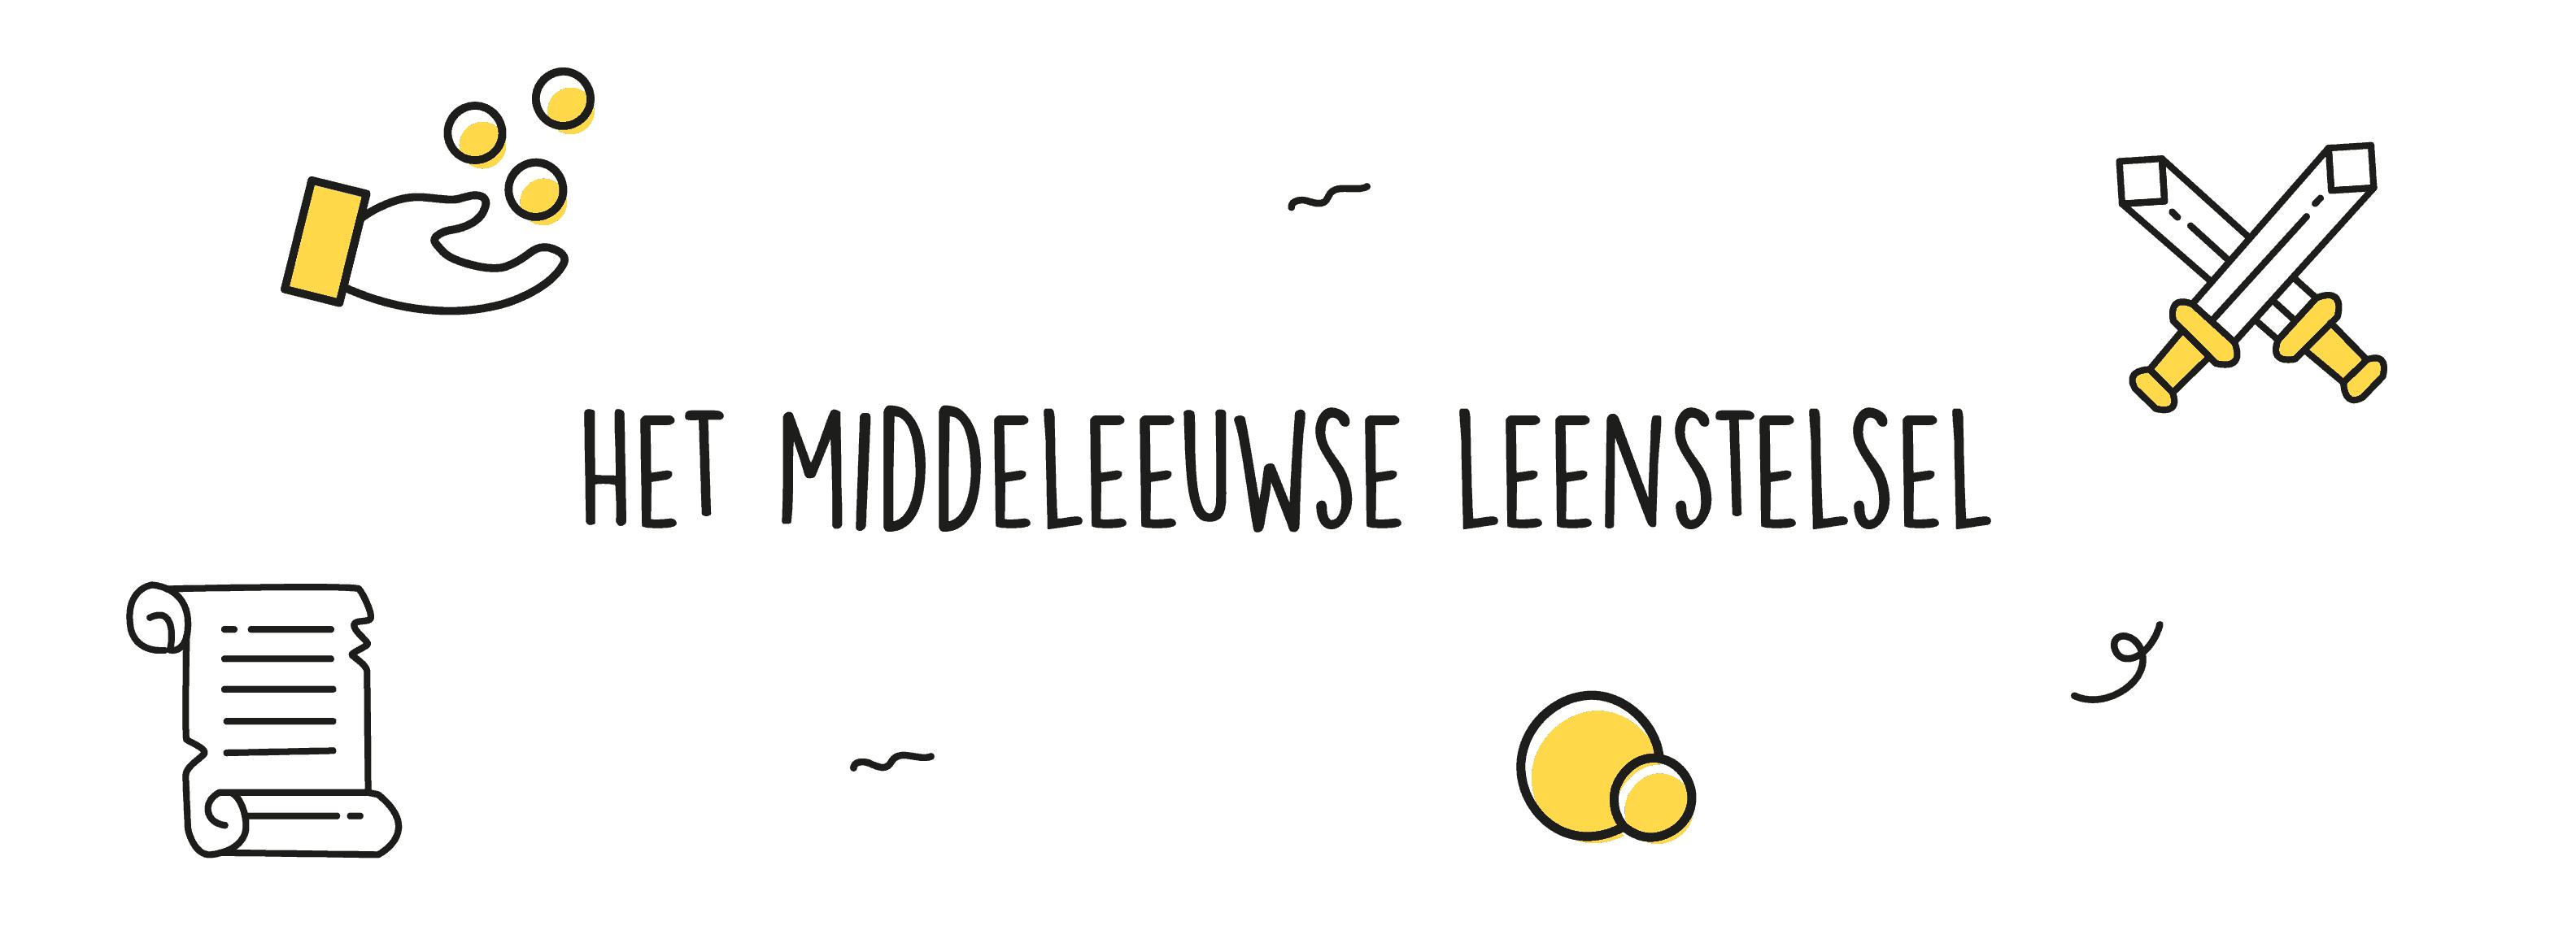 Het middeleeuwse leenstelsel